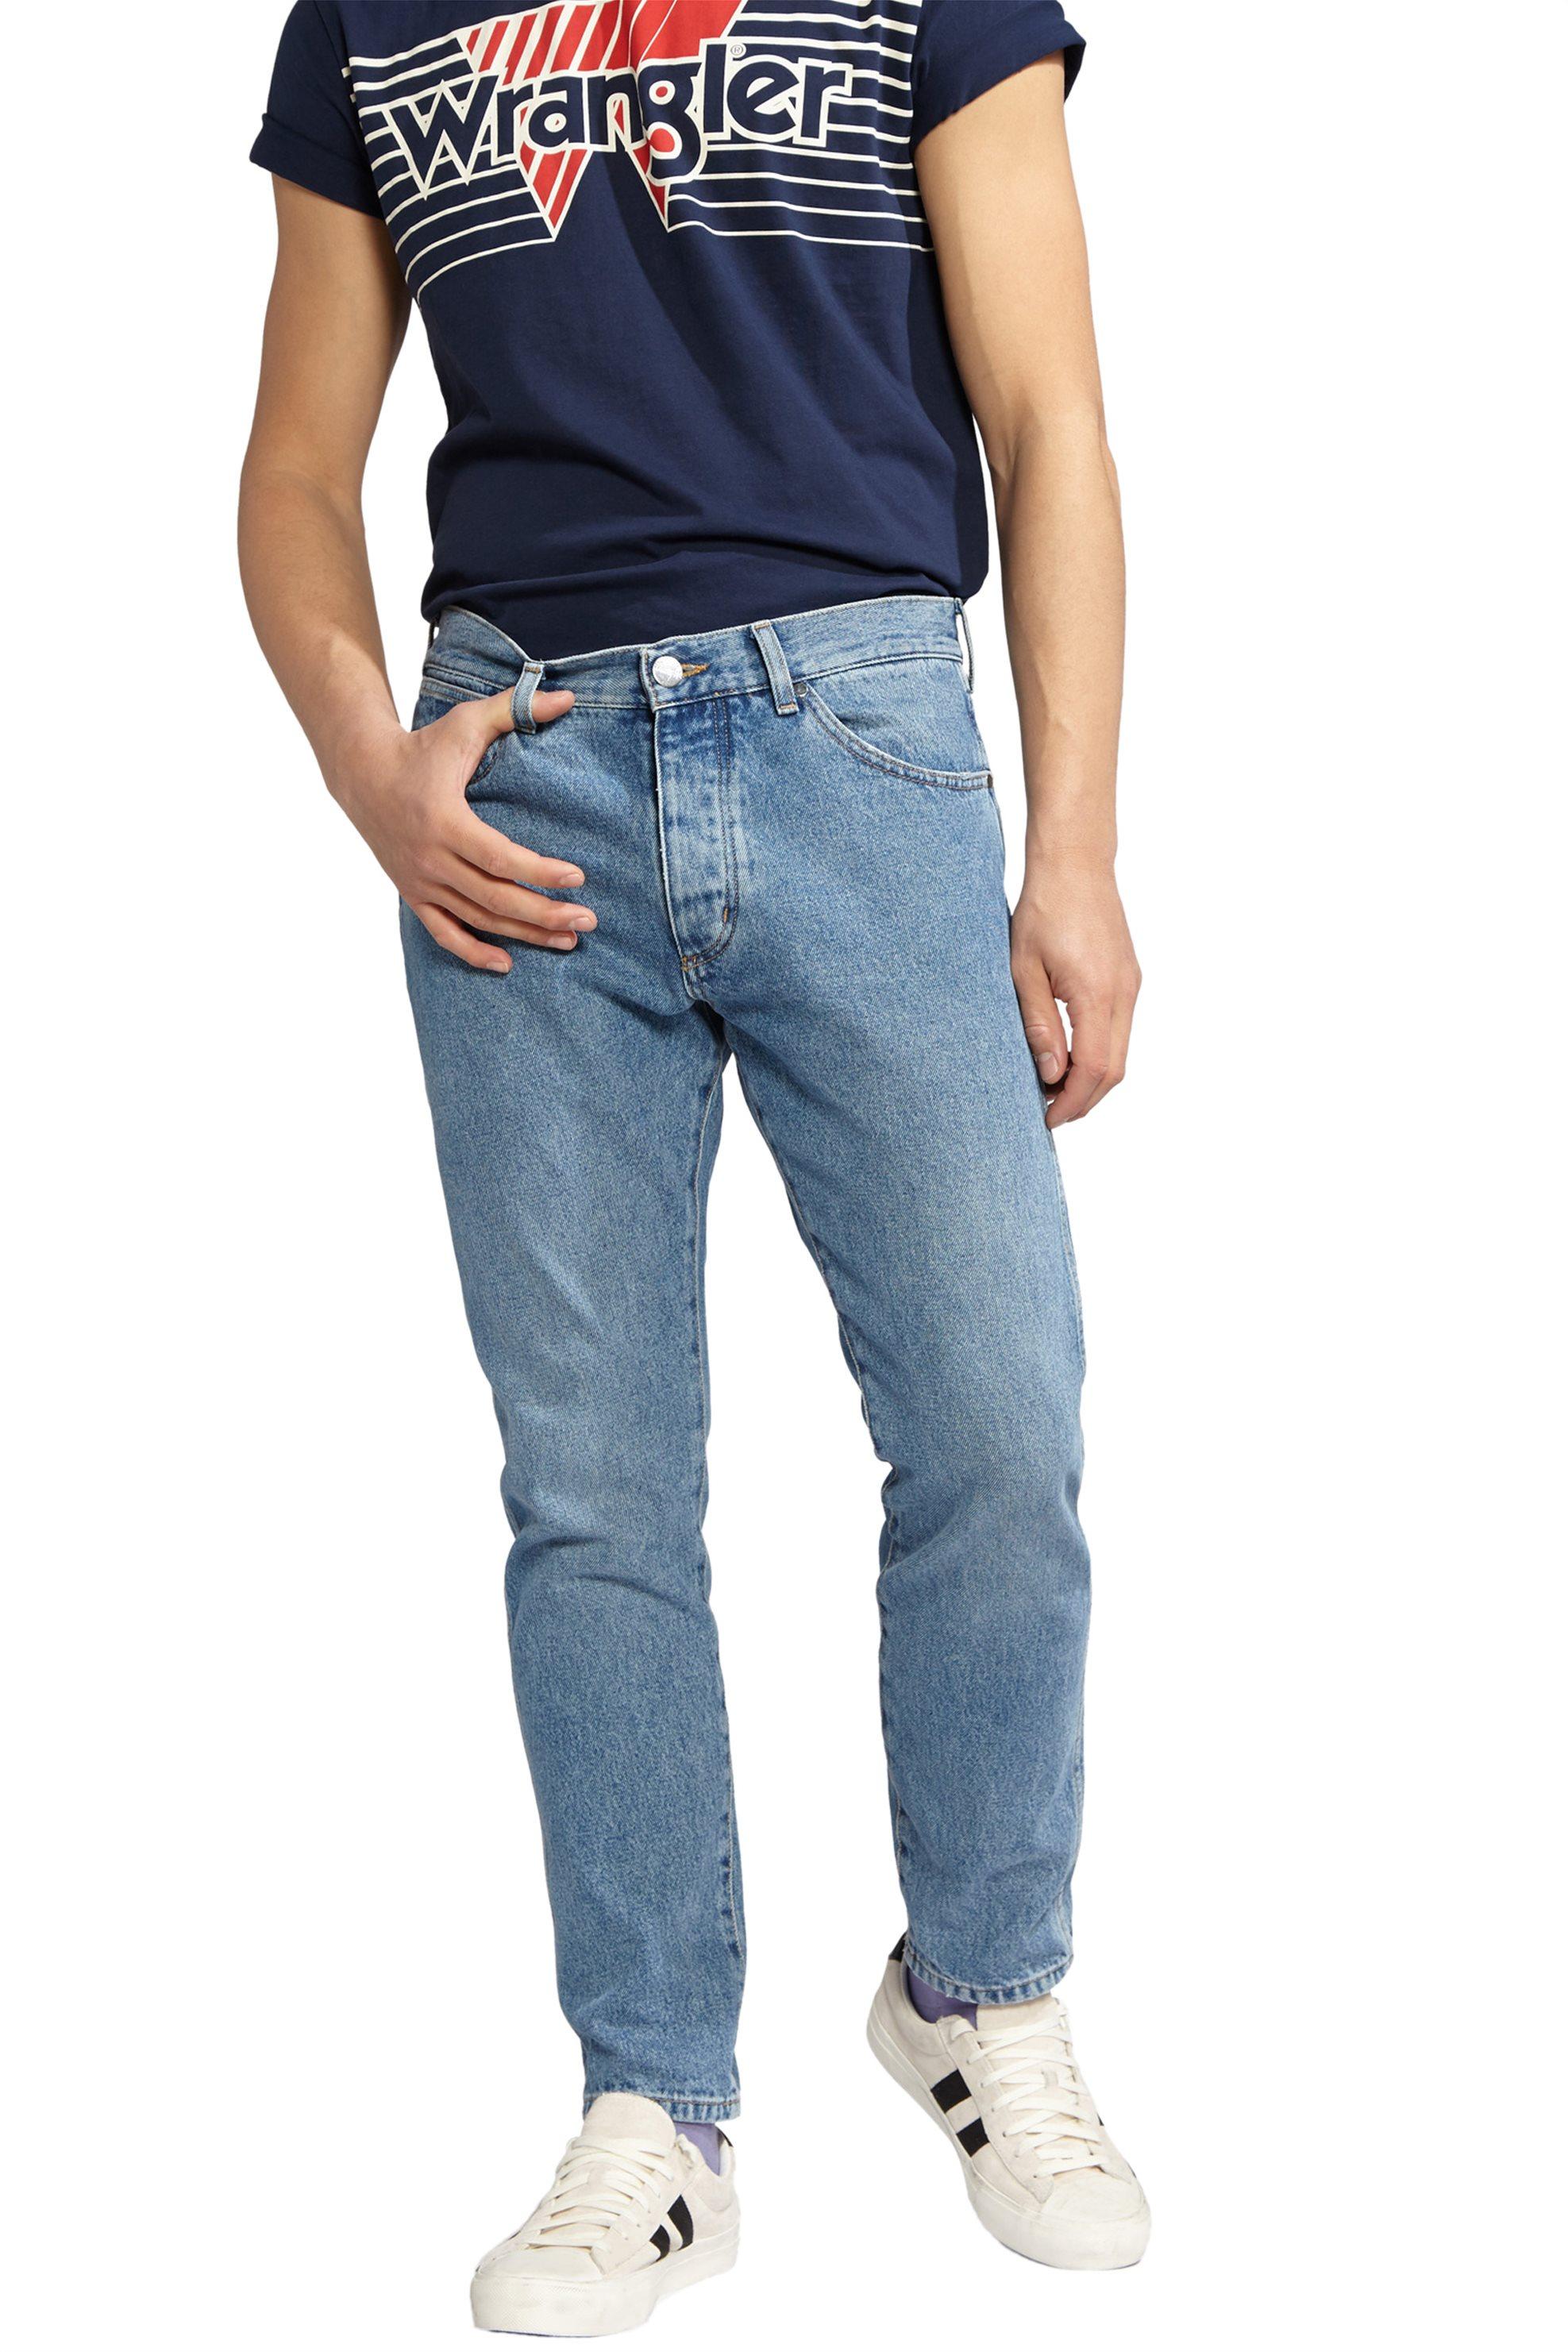 Wrangler ανδρικό τζην παντελόνι Slider Stone Blue - W18RER255 - Γαλάζιο ανδρασ   ρουχα   jeans   tapered